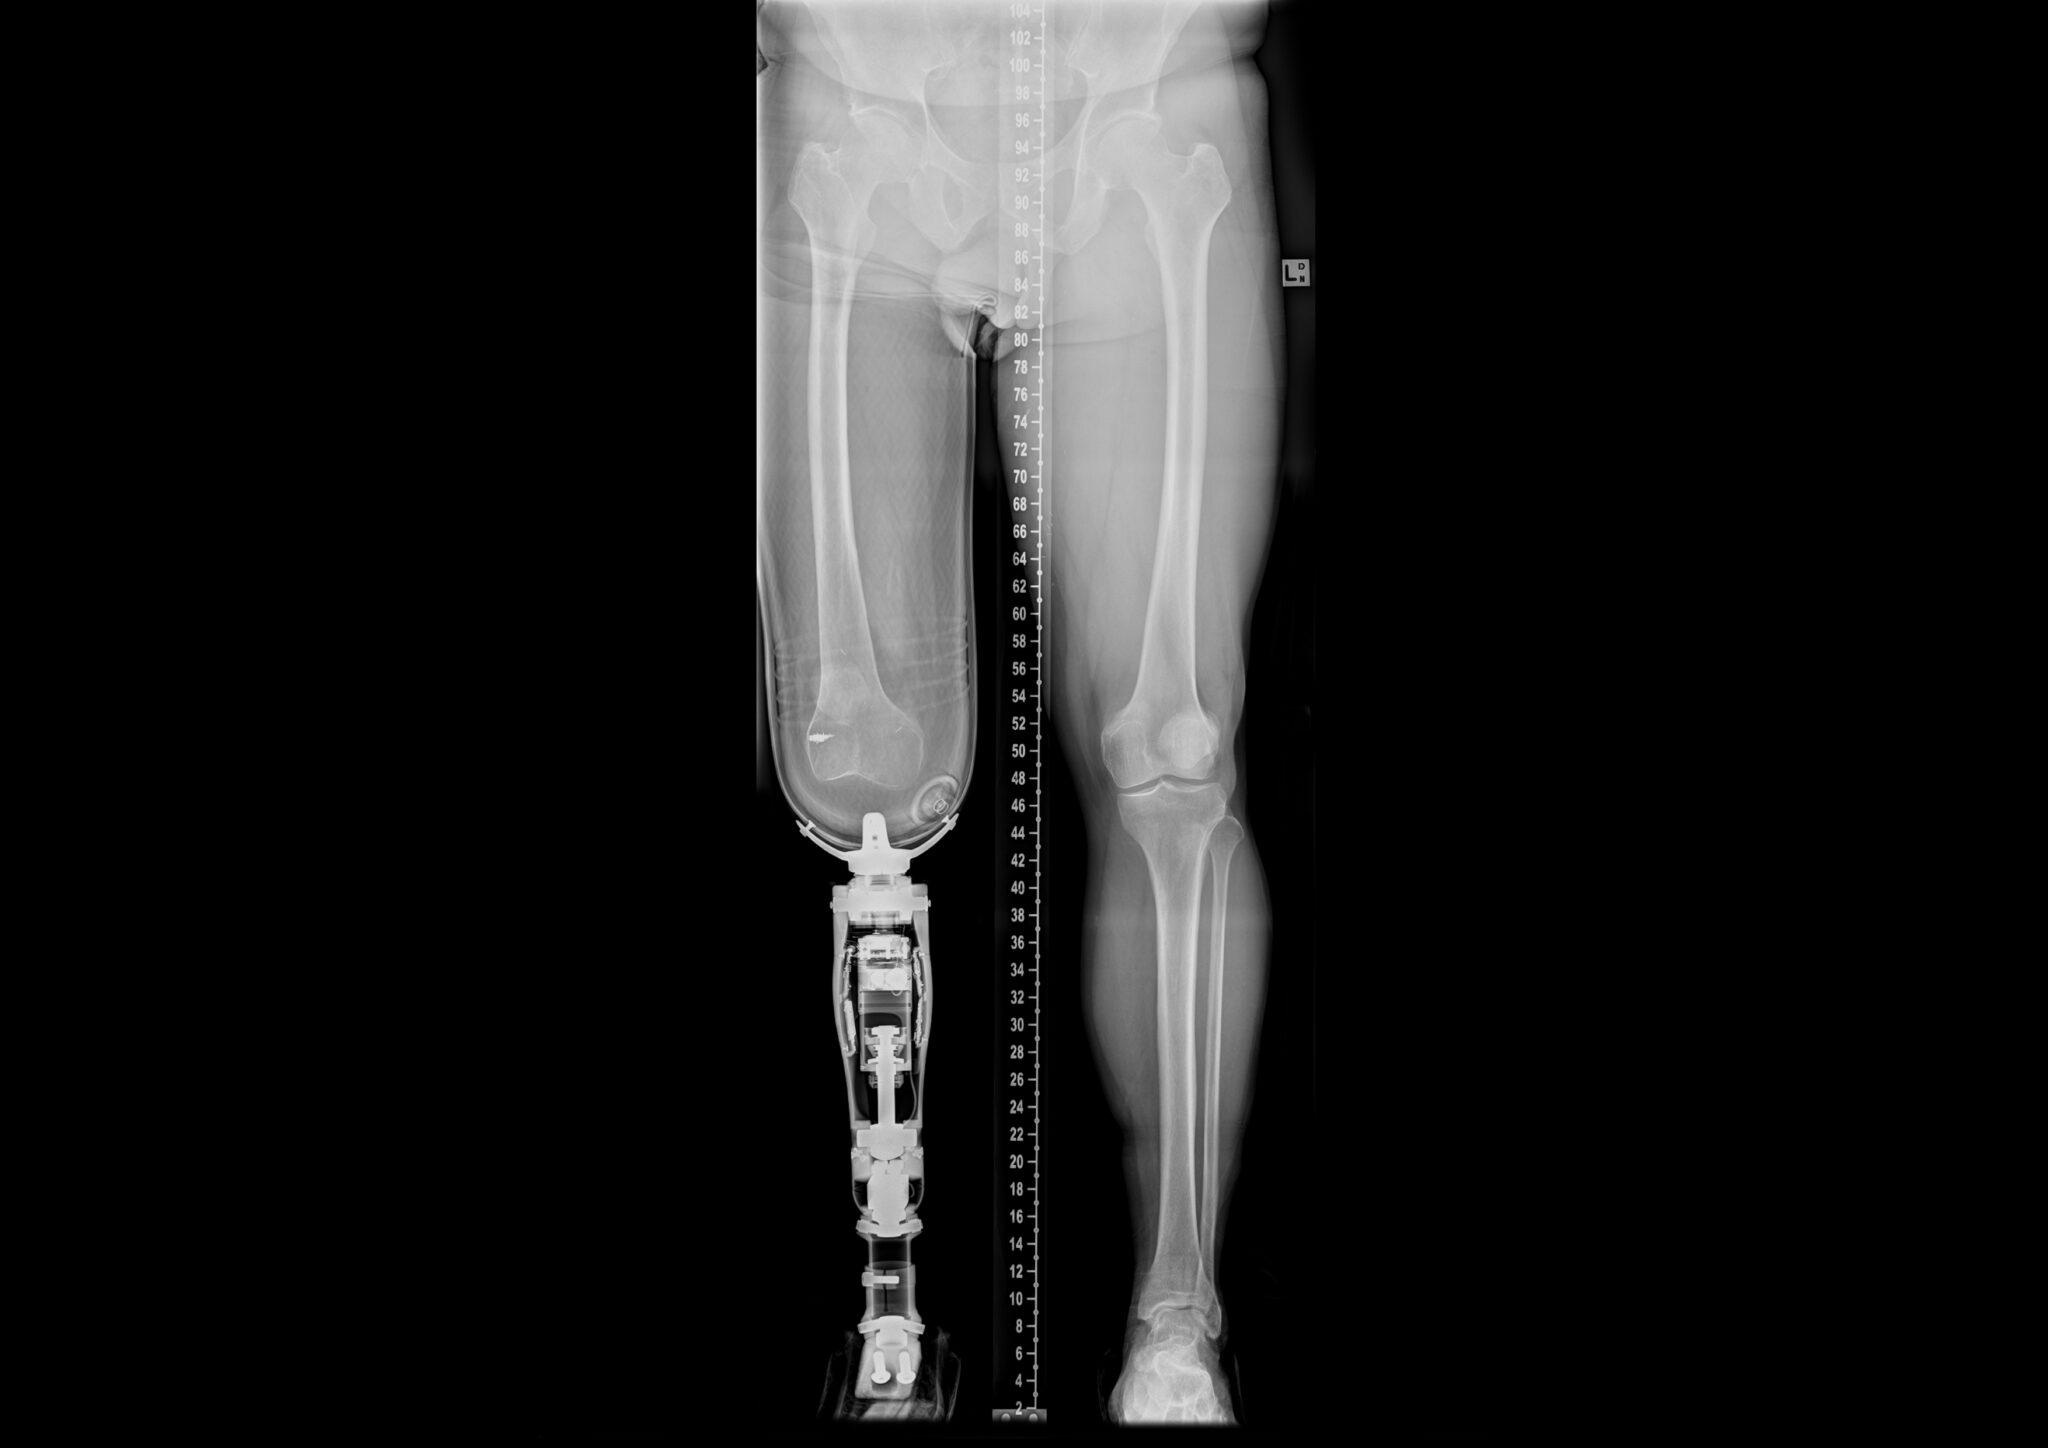 Protesi osteointegrate: quando l'arto artificiale è impiantato nell'osso. Credits: Case courtesy of Assoc Prof Frank Gaillard, Radiopaedia.org, rID: 32534